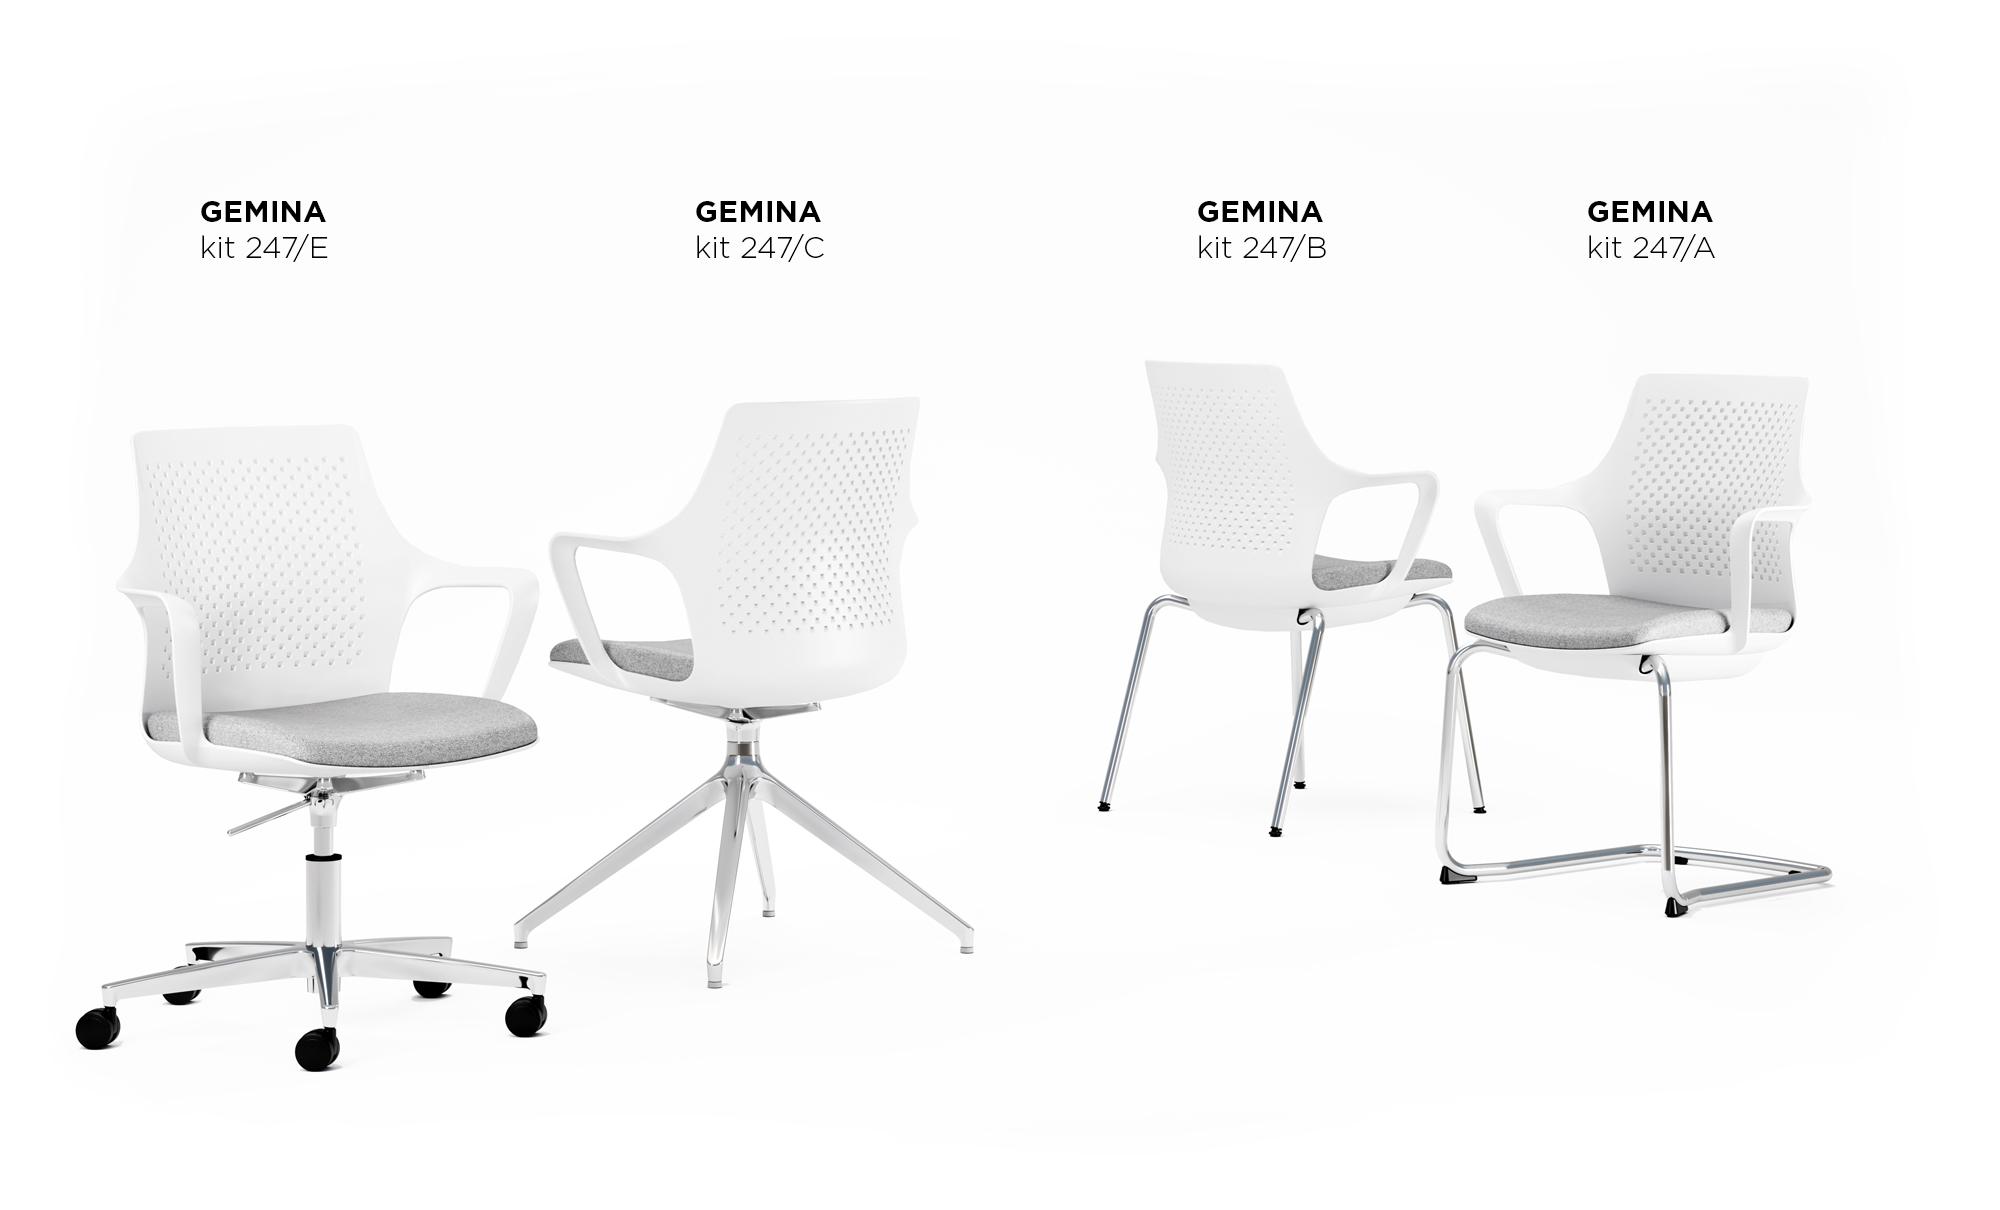 Catalogo gemina - Tappezzare una sedia ...